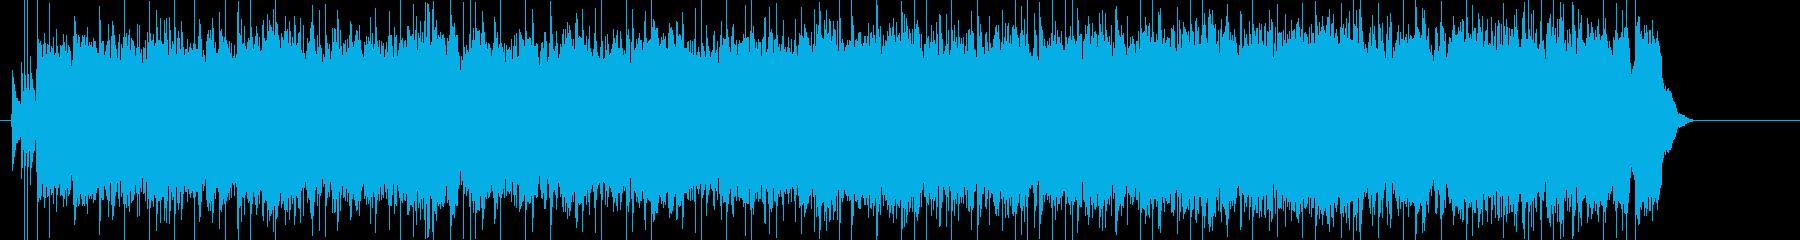 爽やかで疾走感のあるポップロックの再生済みの波形